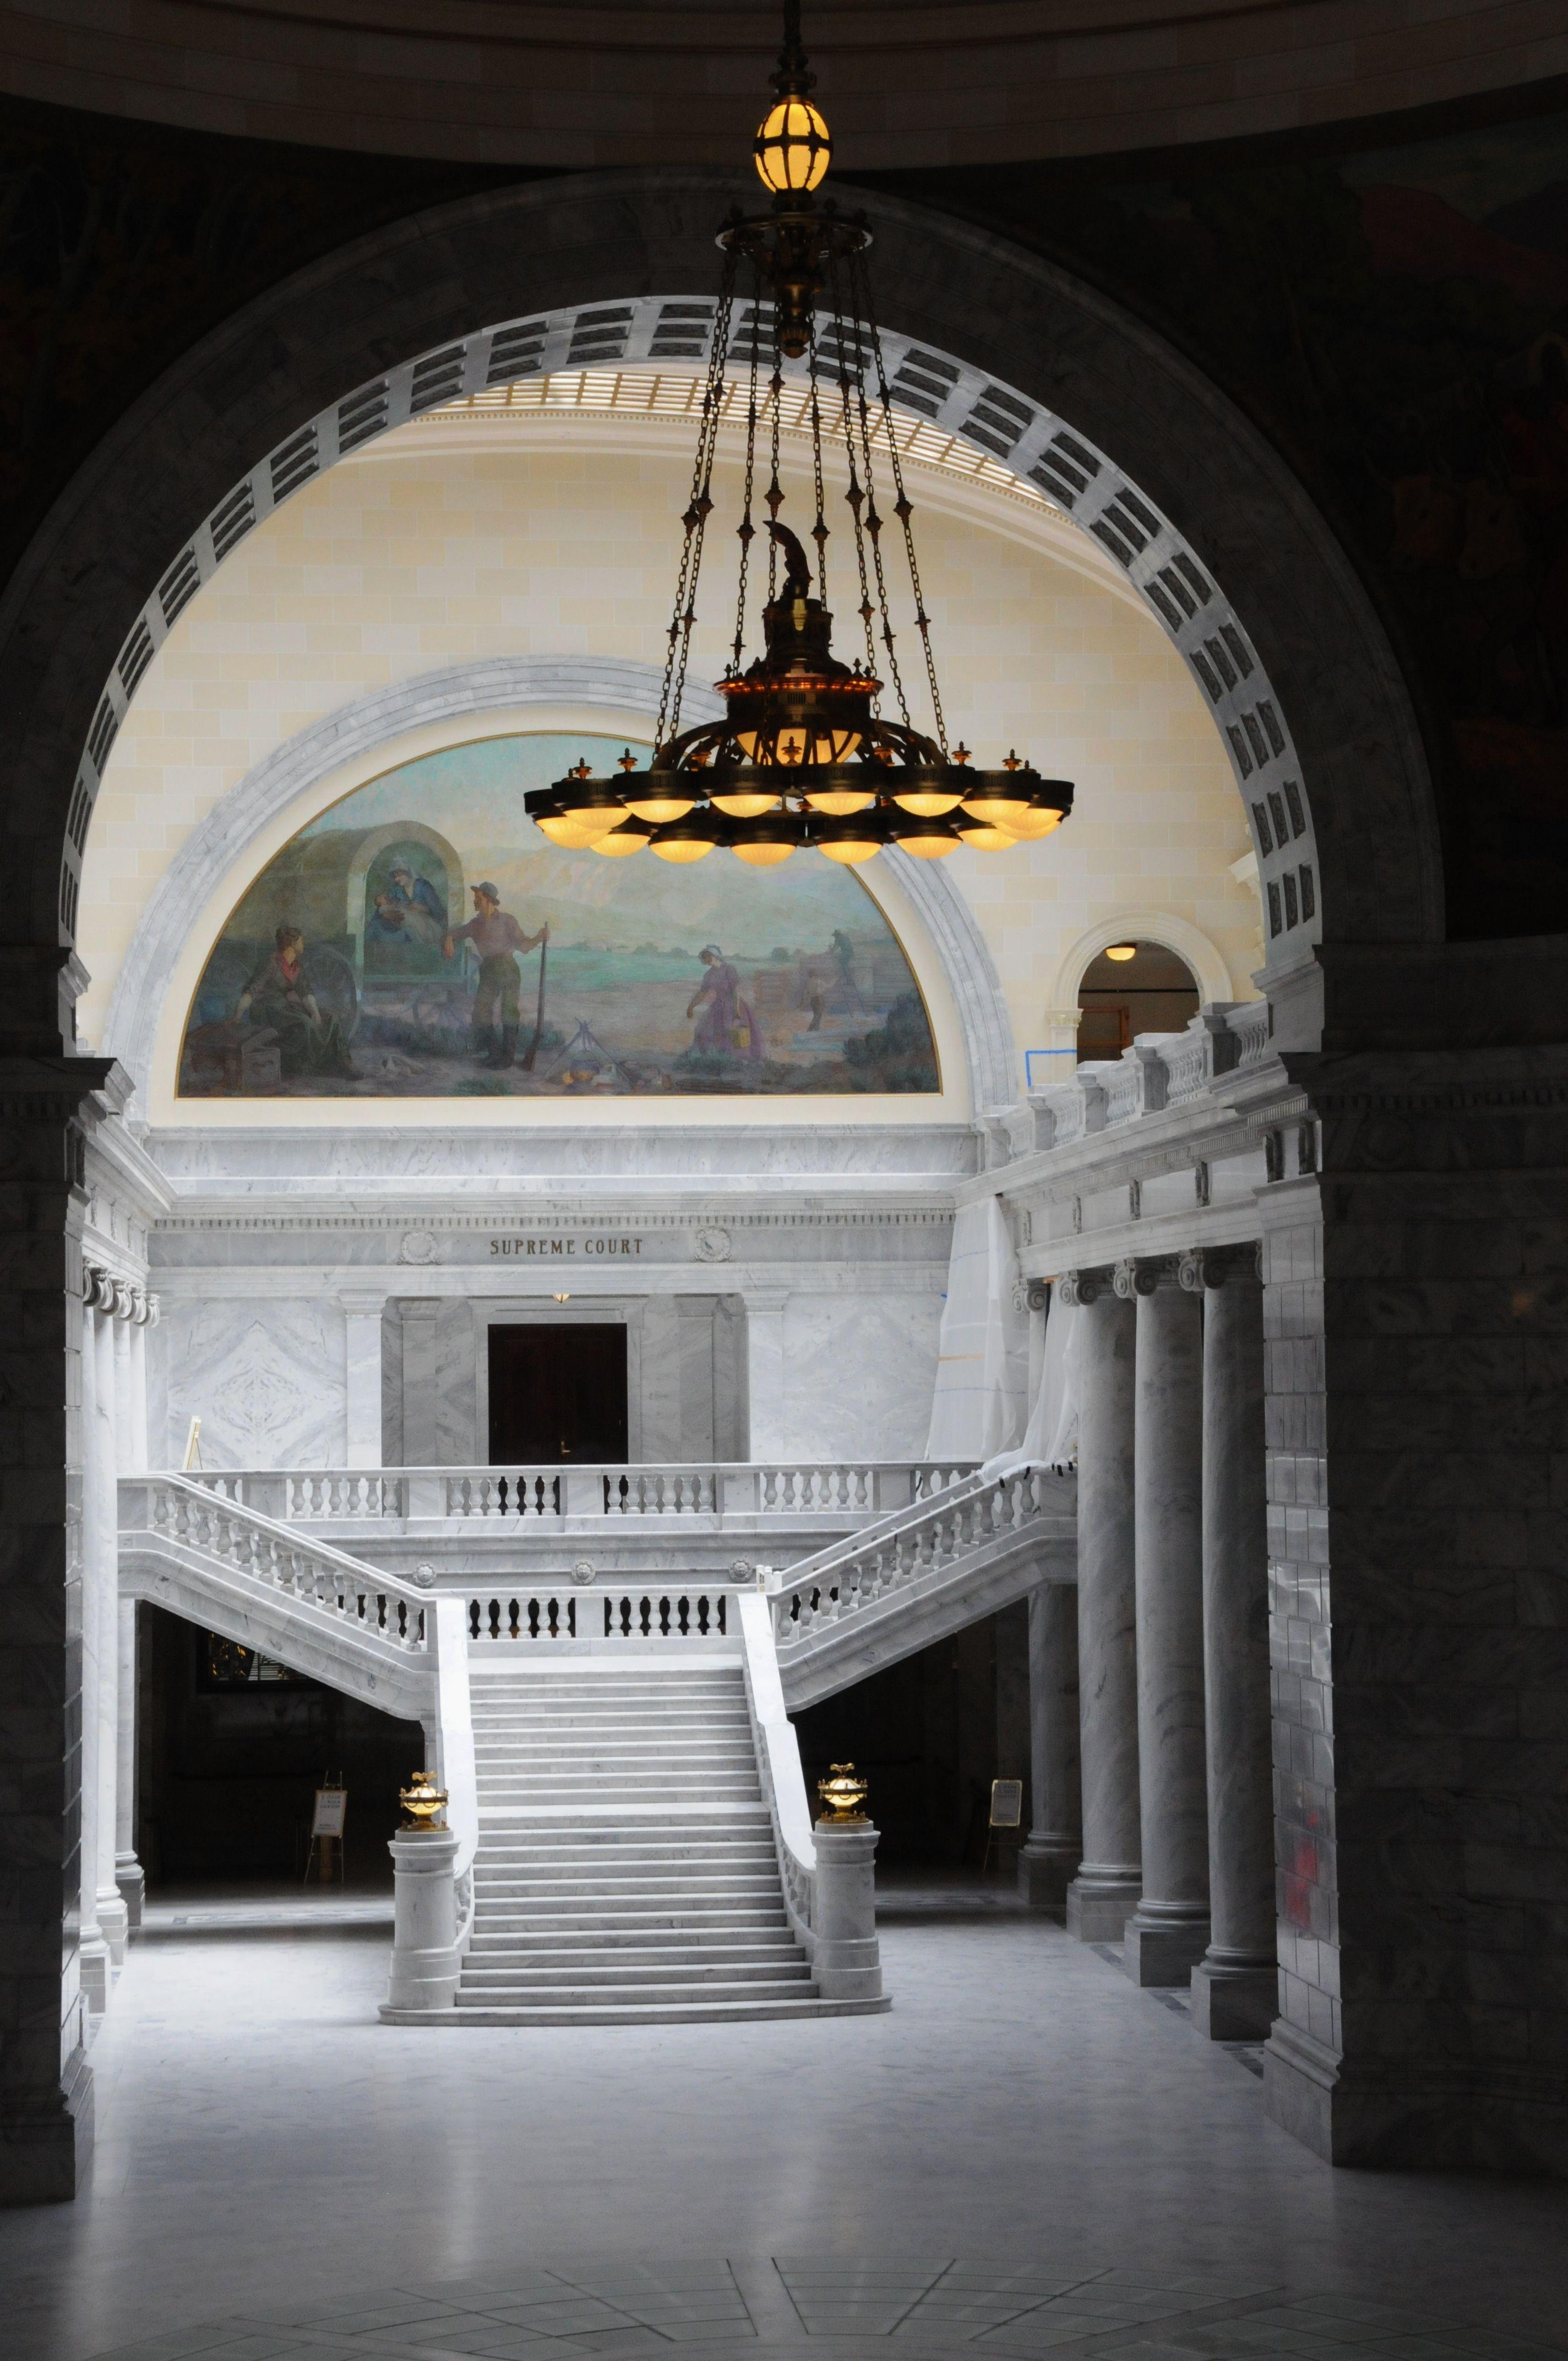 Interior of the utah state capitol in salt lake city utah